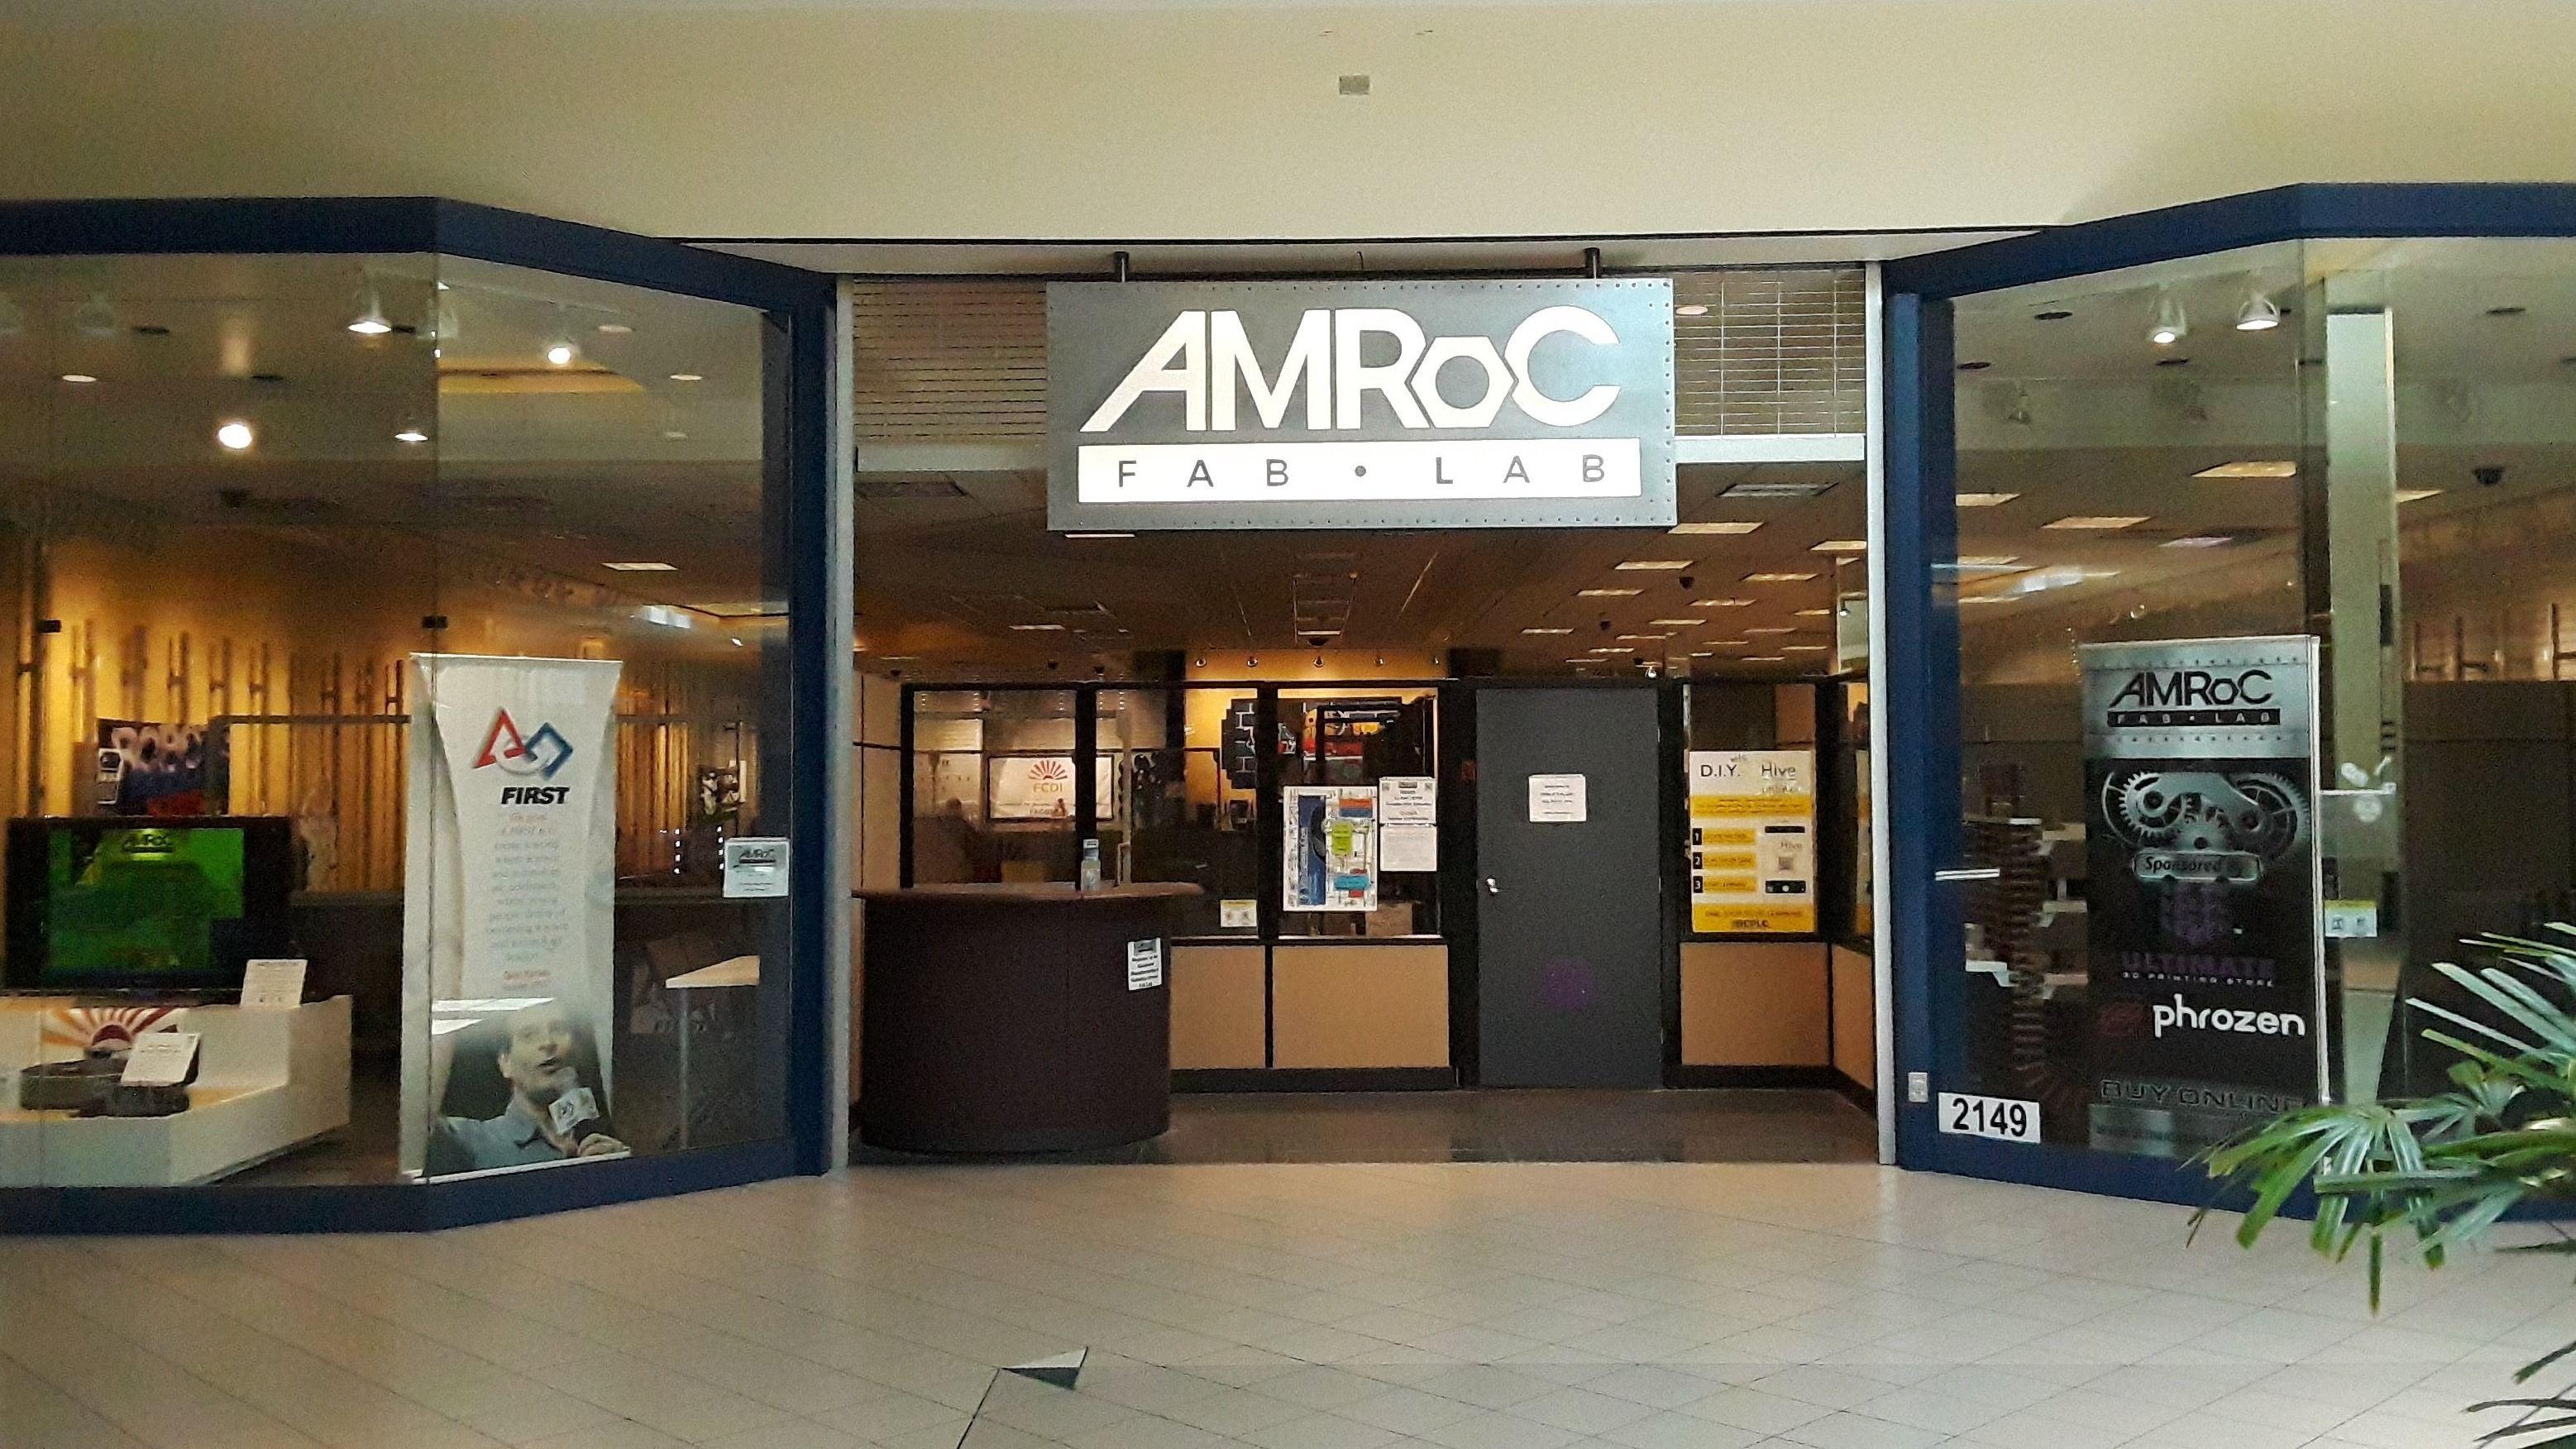 AMRoC Fab Lab